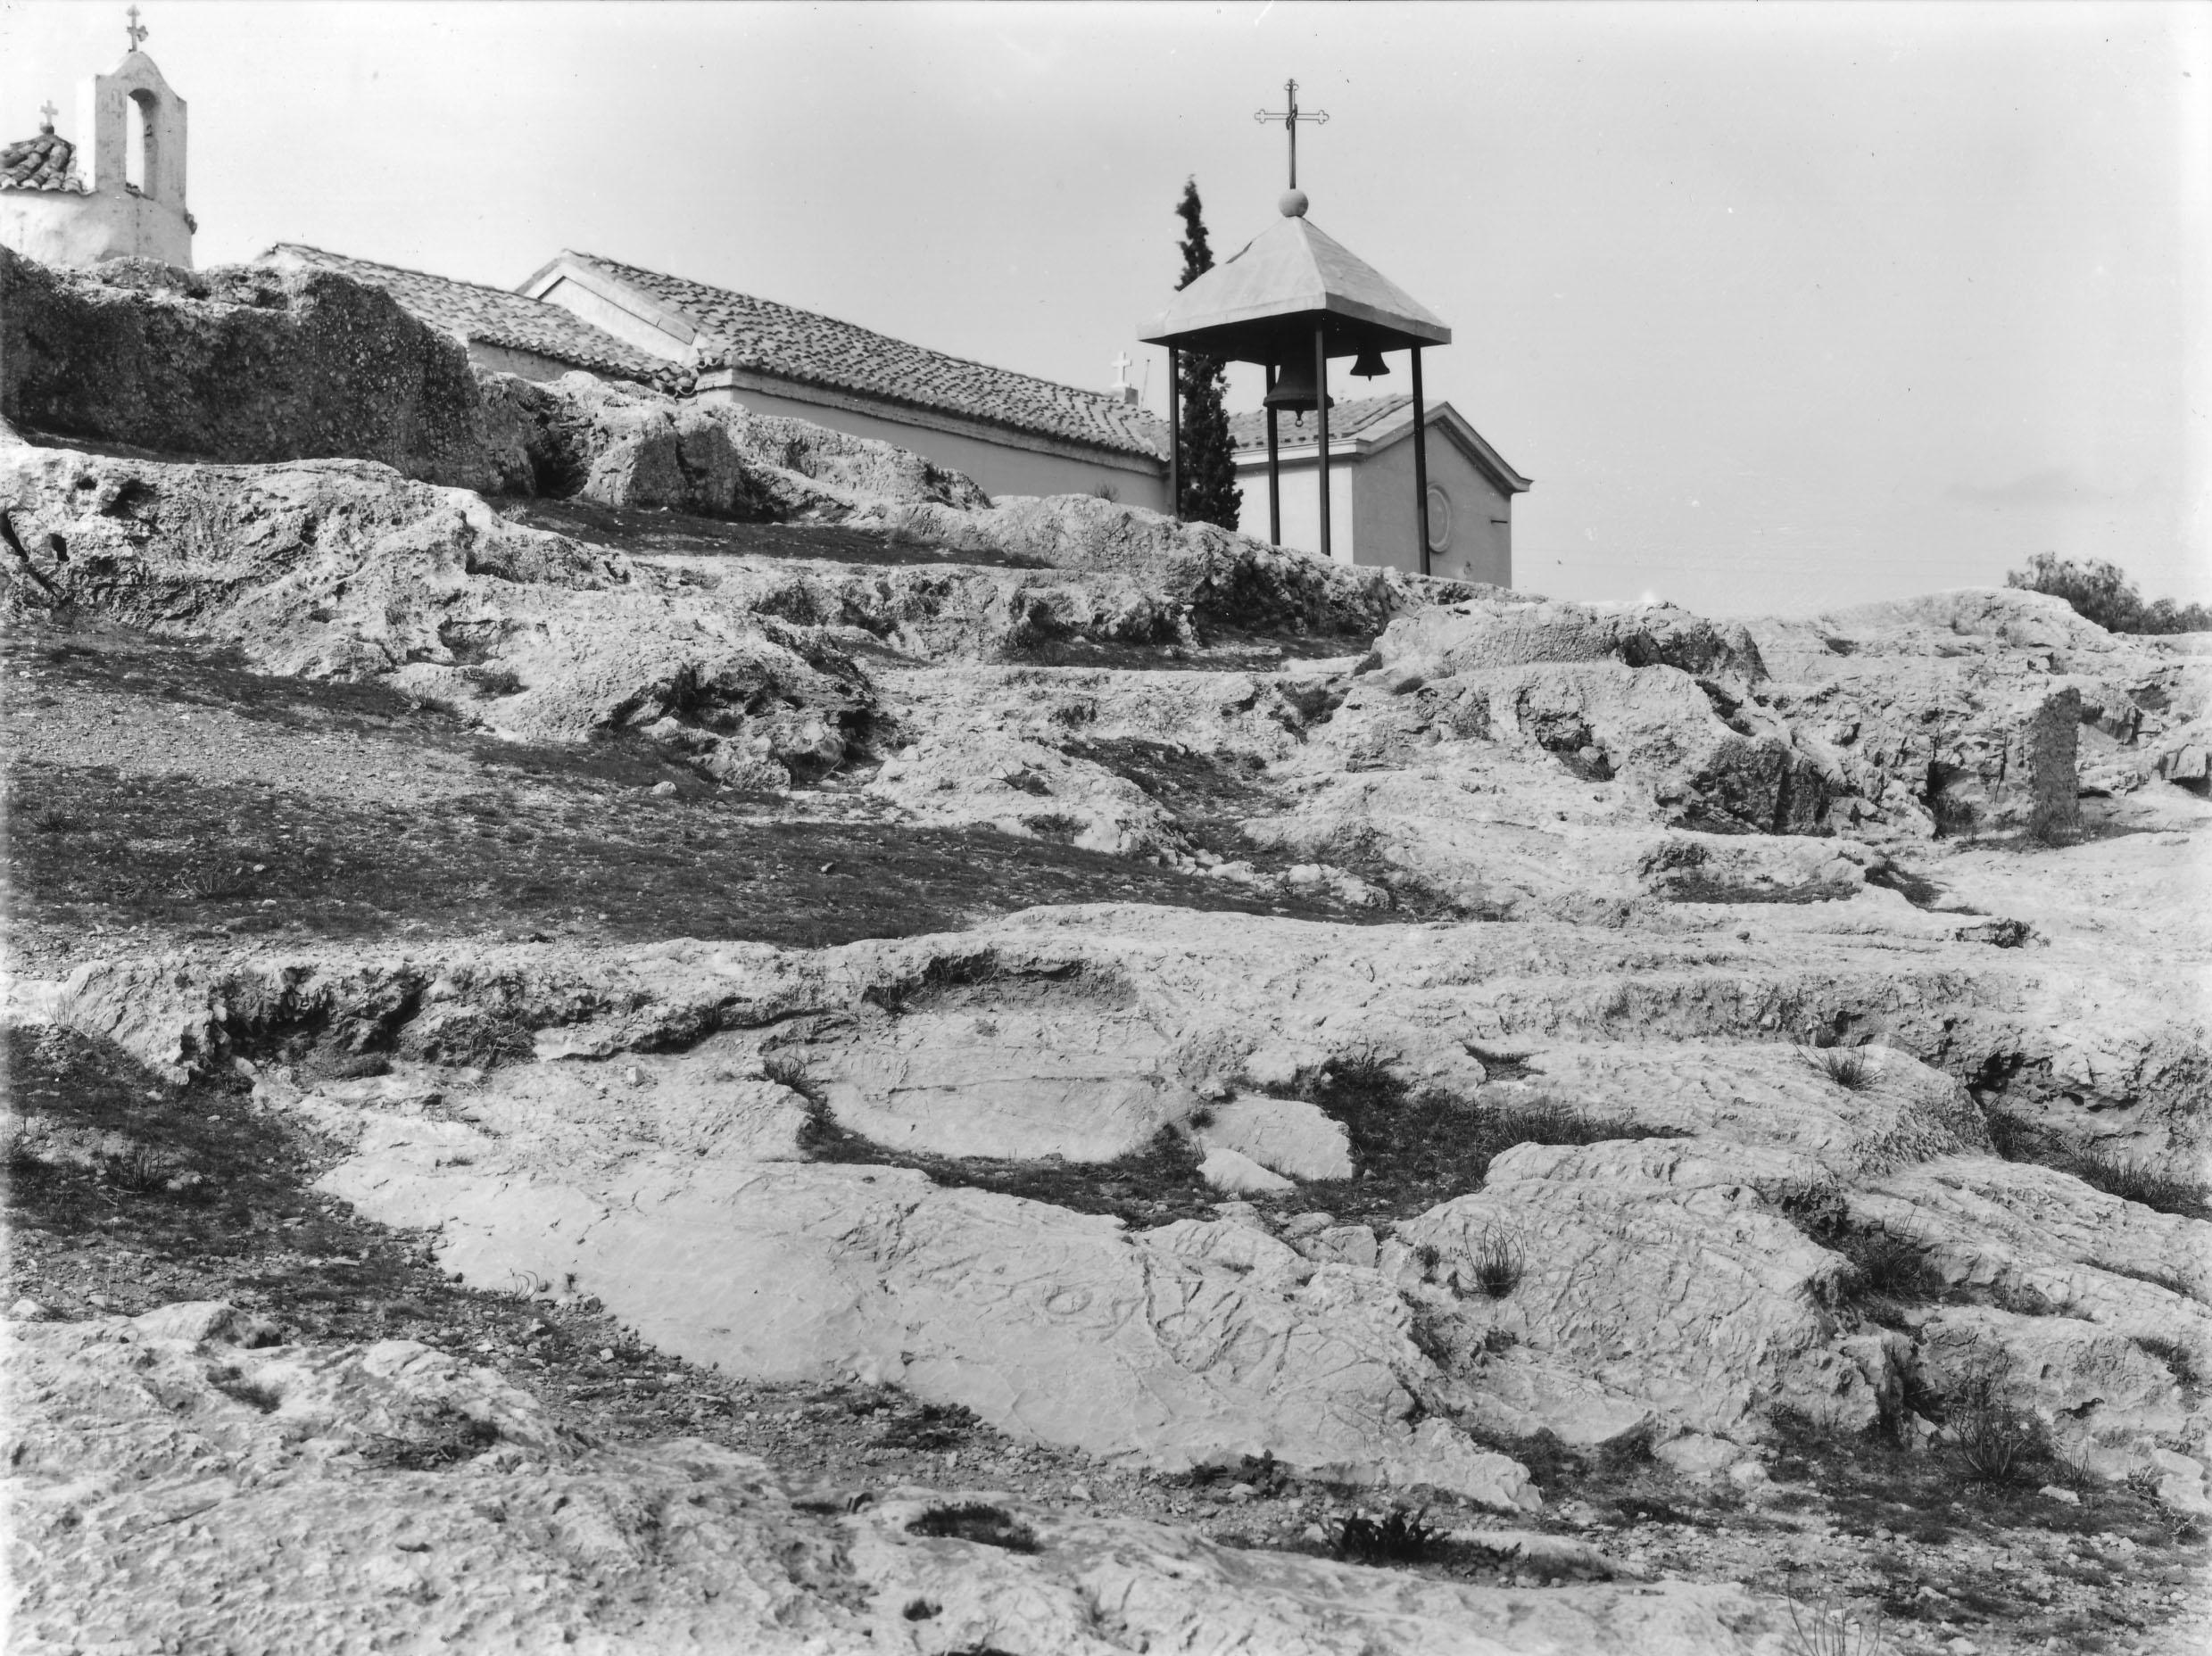 Σε πρώτο πλάνο, υπαίθριο αρχαϊκό ιερό αφιερωμένο στο Δία εντοπίζεται από επιγραφή λαξευμένη με αντίστροφη γραφή: HΟΡΟΣ ΔΙΟΣ (6ος αι. π.Χ.) (Nicholson Museum, Professor W.J. Woodhouse Collection).